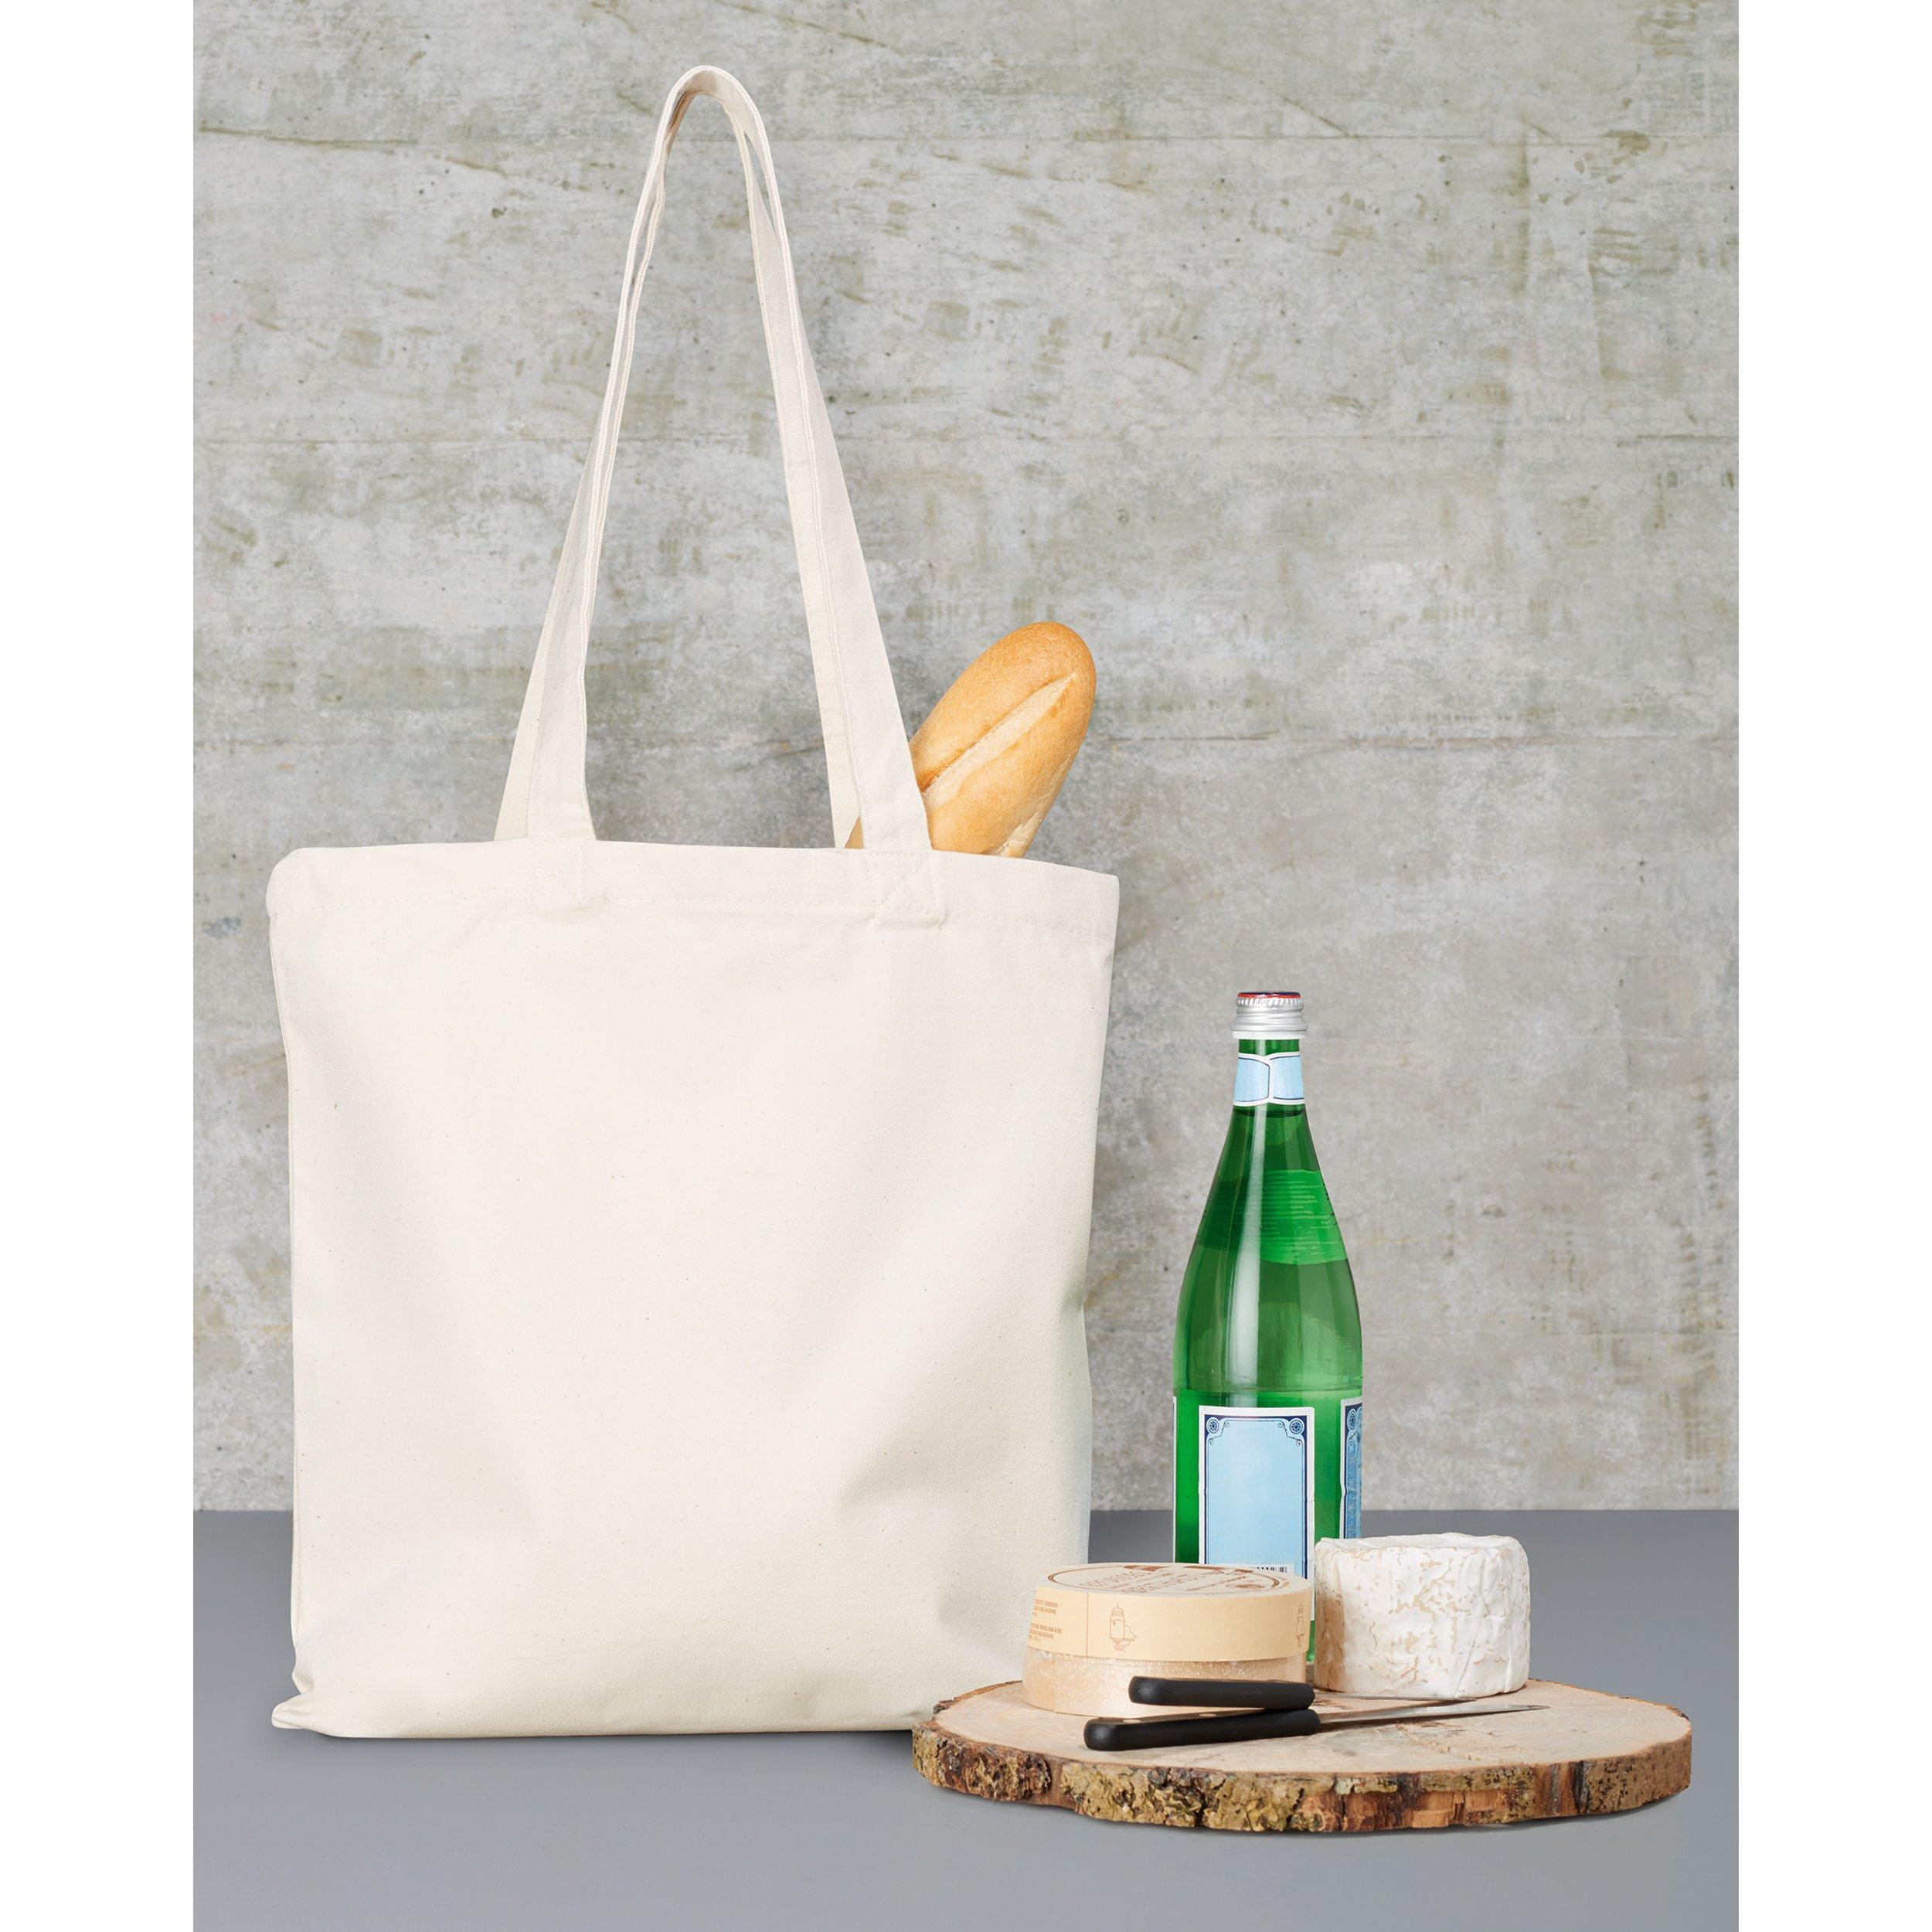 Bags by Jassz Fir totebag